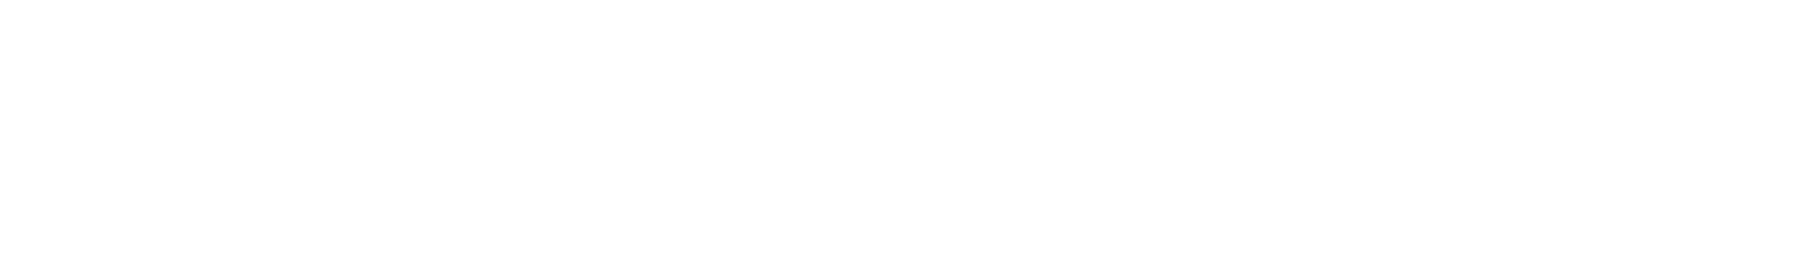 blbc cinedrums a fx 75 04